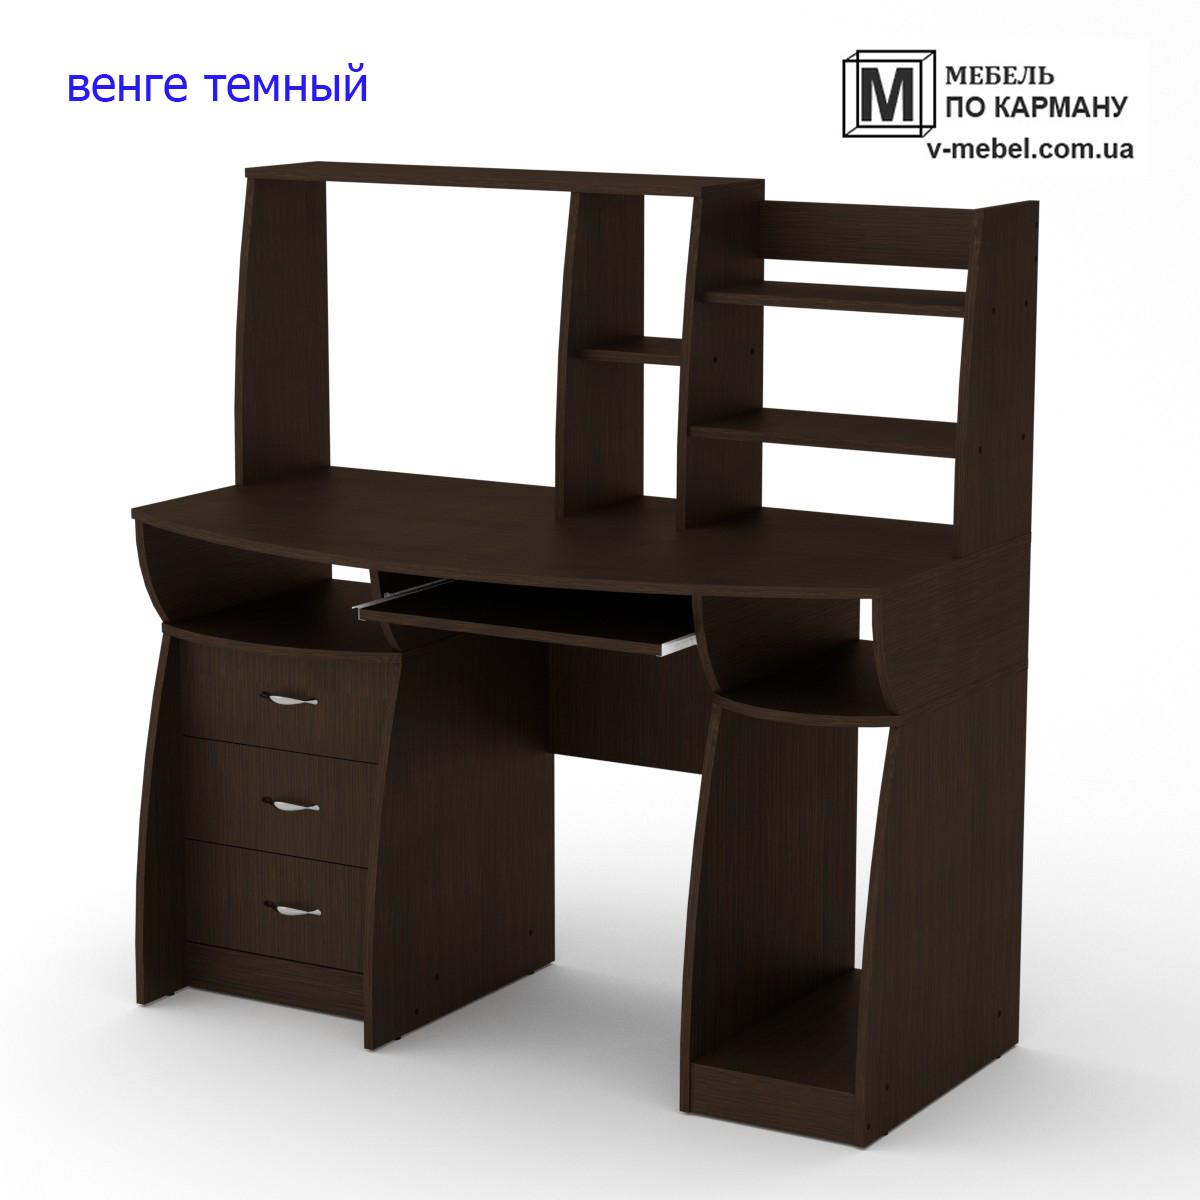 Стіл комп'ютерний з надбудовою Комфорт-3